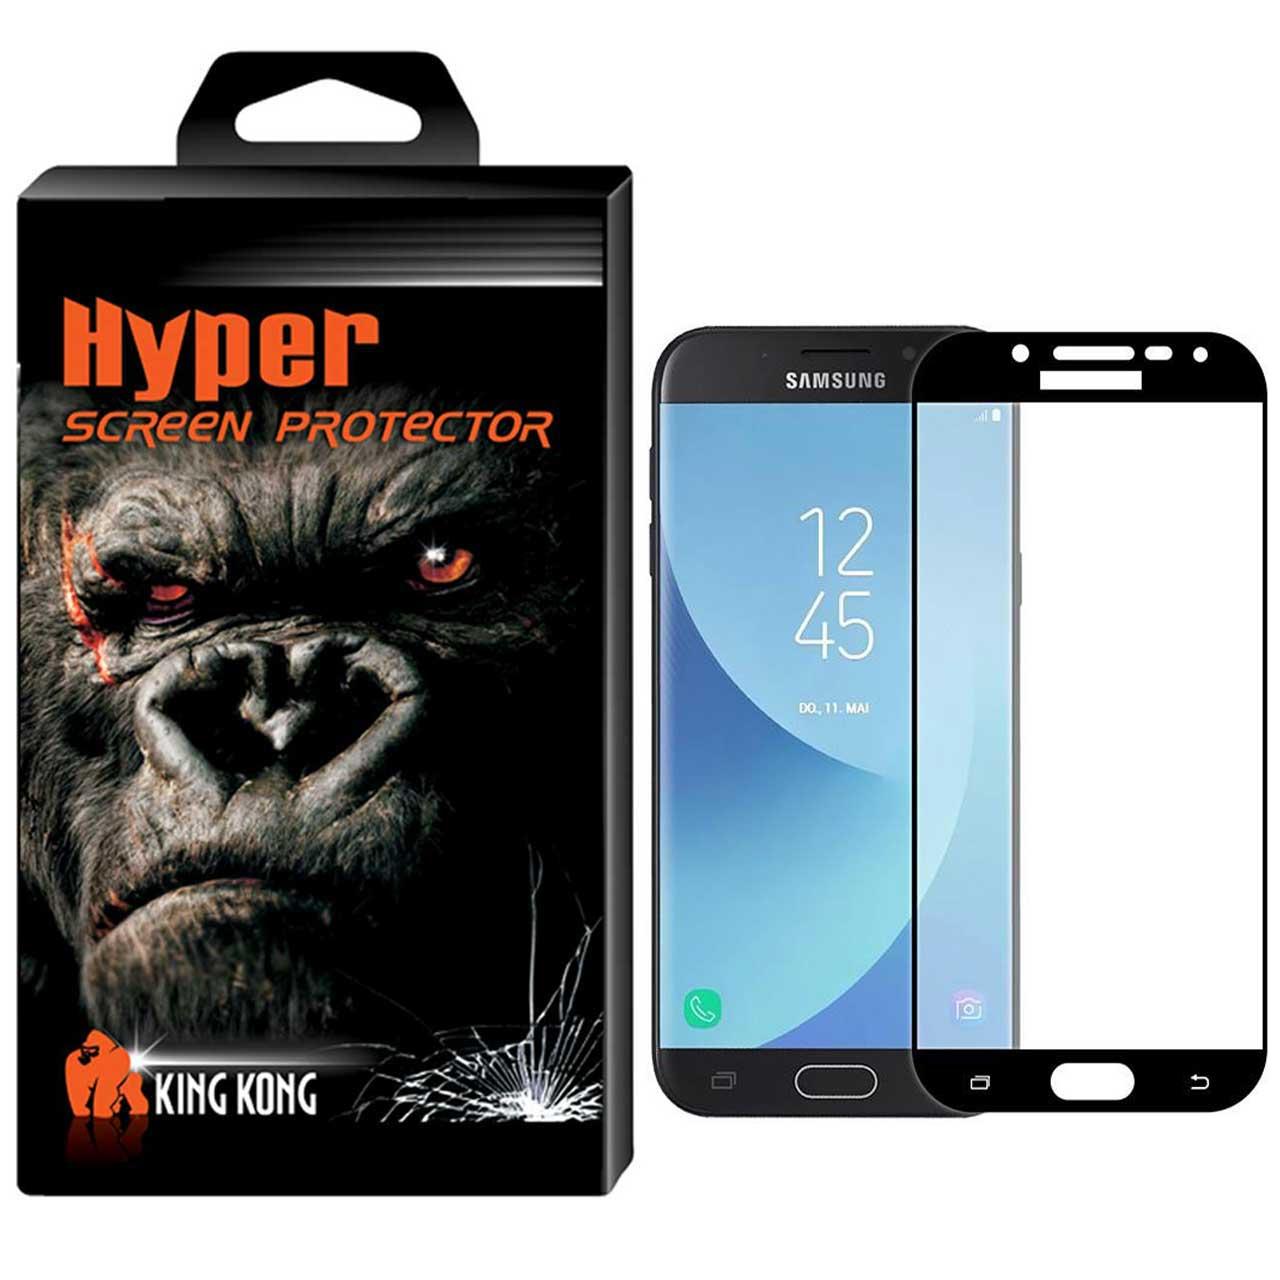 محافظ صفحه نمایش شیشه ای کینگ کونگ مدل Hyper Fullcover مناسب برای سامسونگ گلکسی J5 Pro